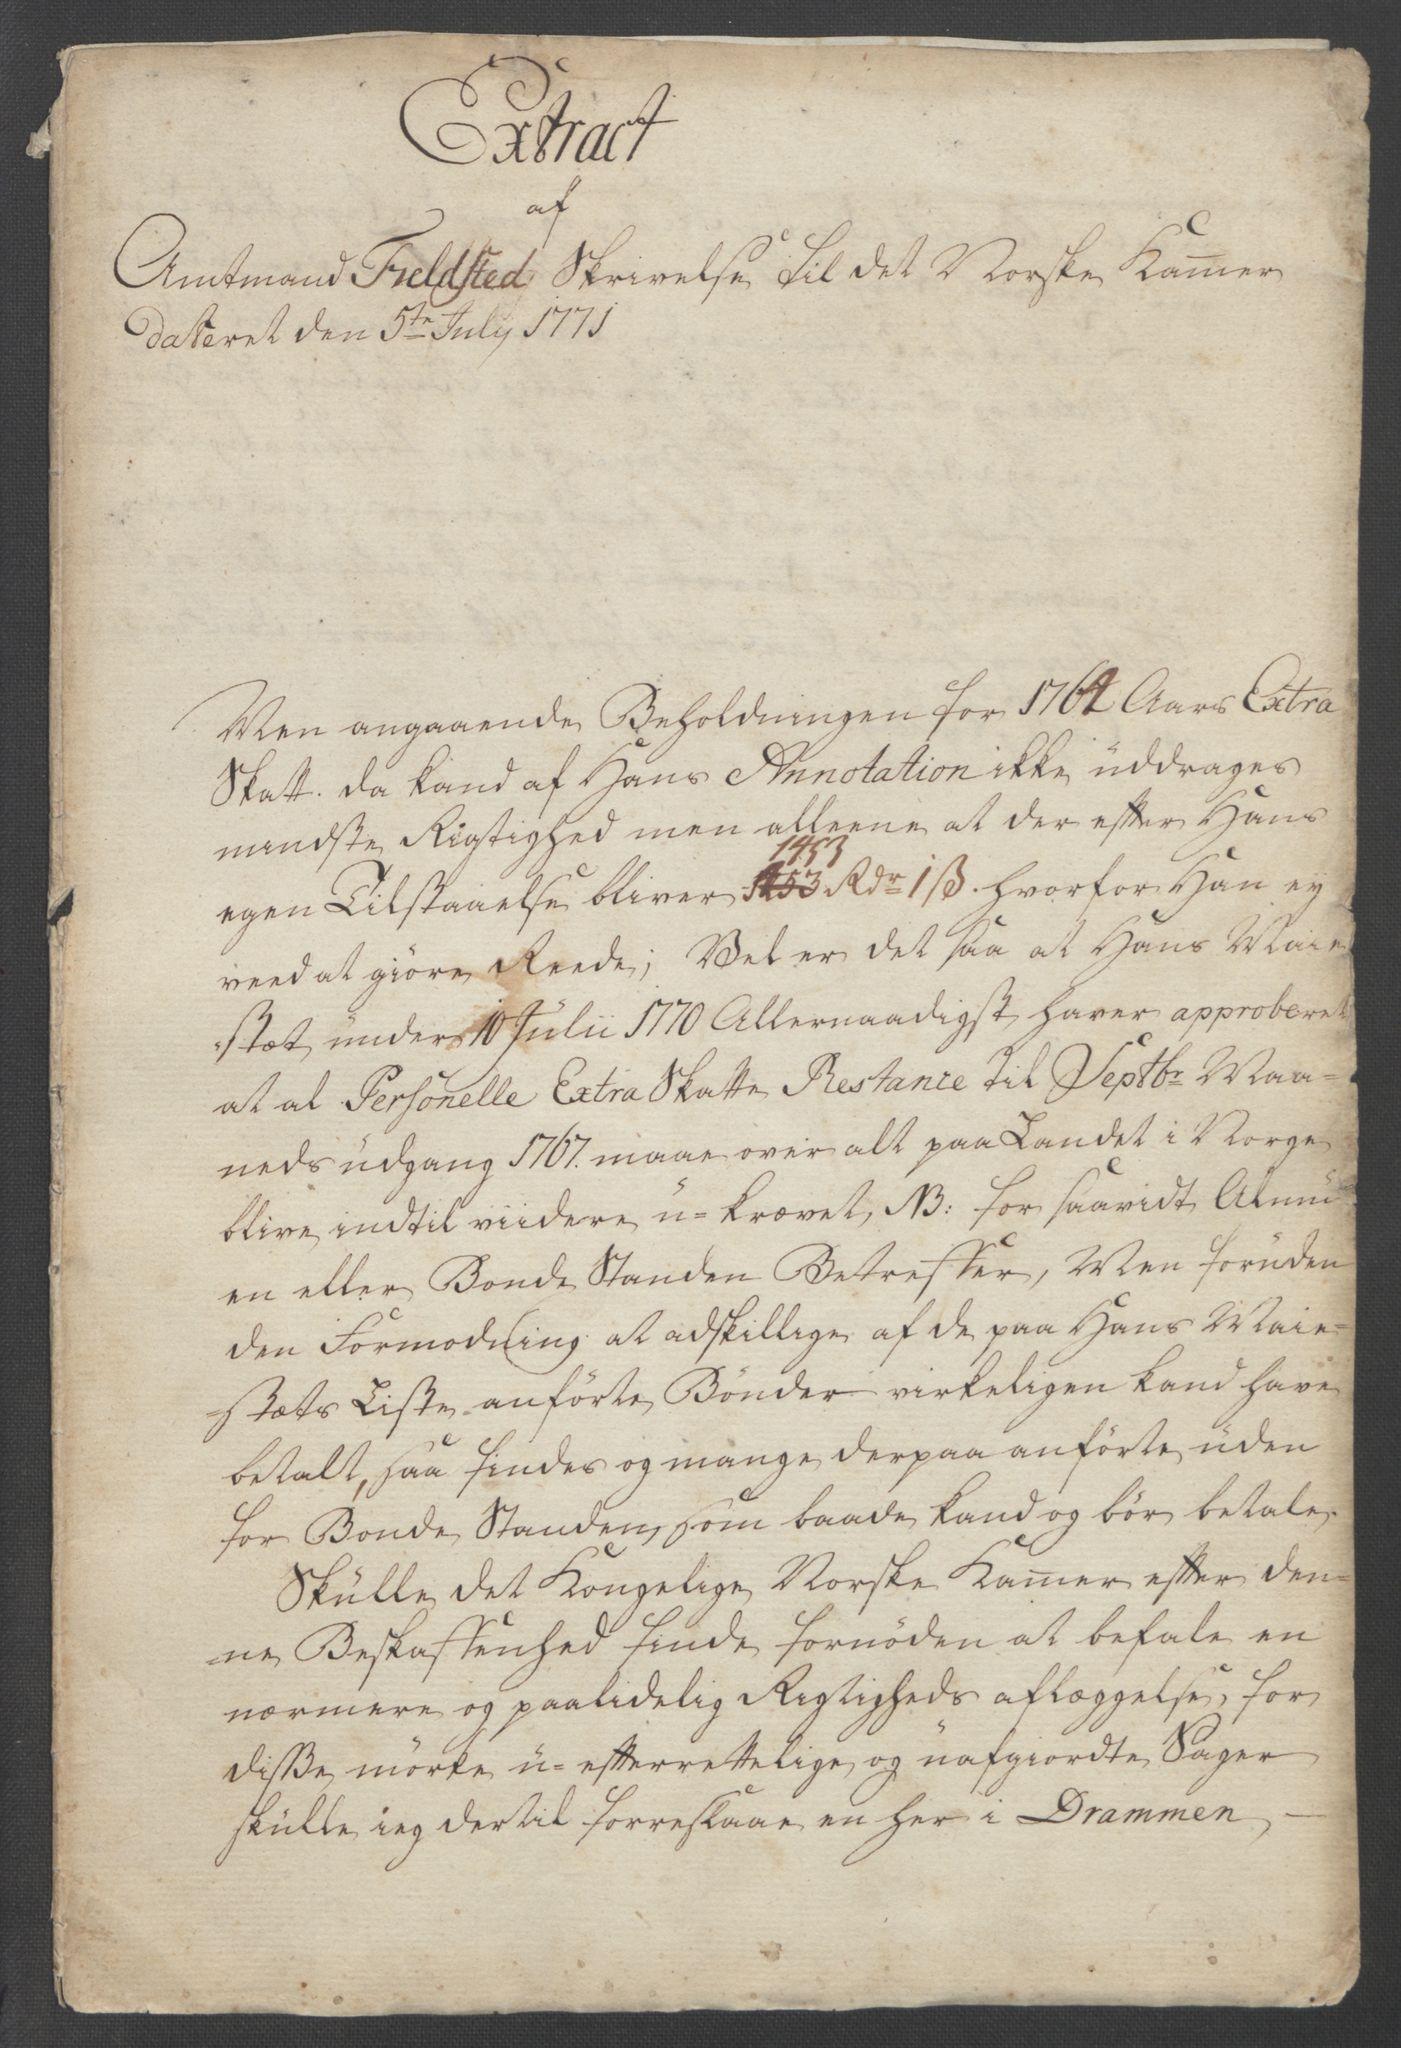 RA, Rentekammeret inntil 1814, Reviderte regnskaper, Fogderegnskap, R31/L1833: Ekstraskatten Hurum, Røyken, Eiker, Lier og Buskerud, 1762-1764, s. 295